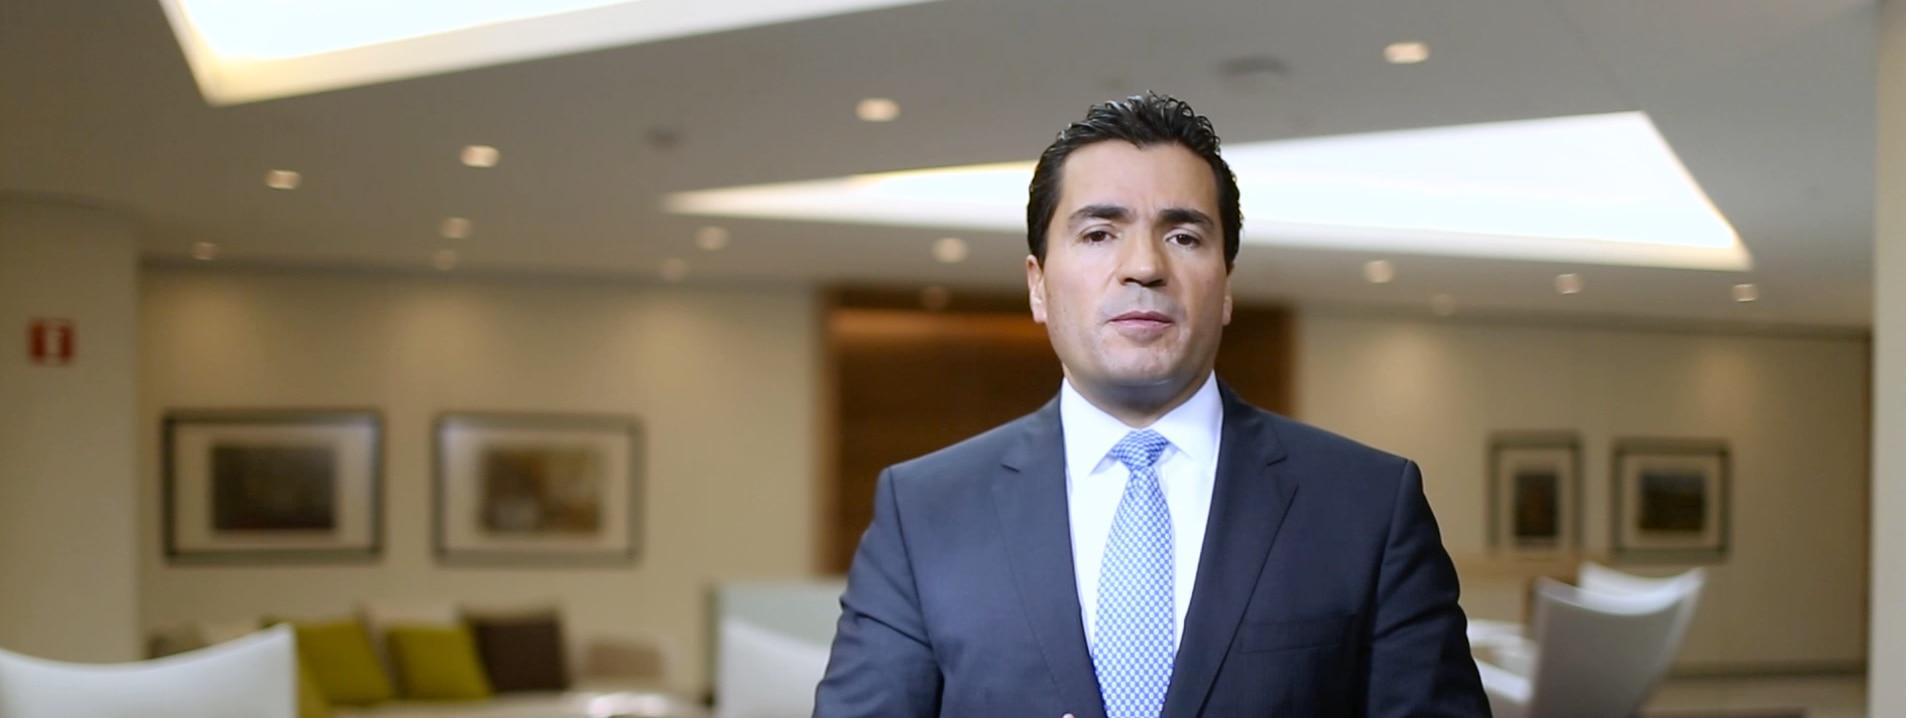 Fotografia de eduardo osuna mexico bancomer economia bbva